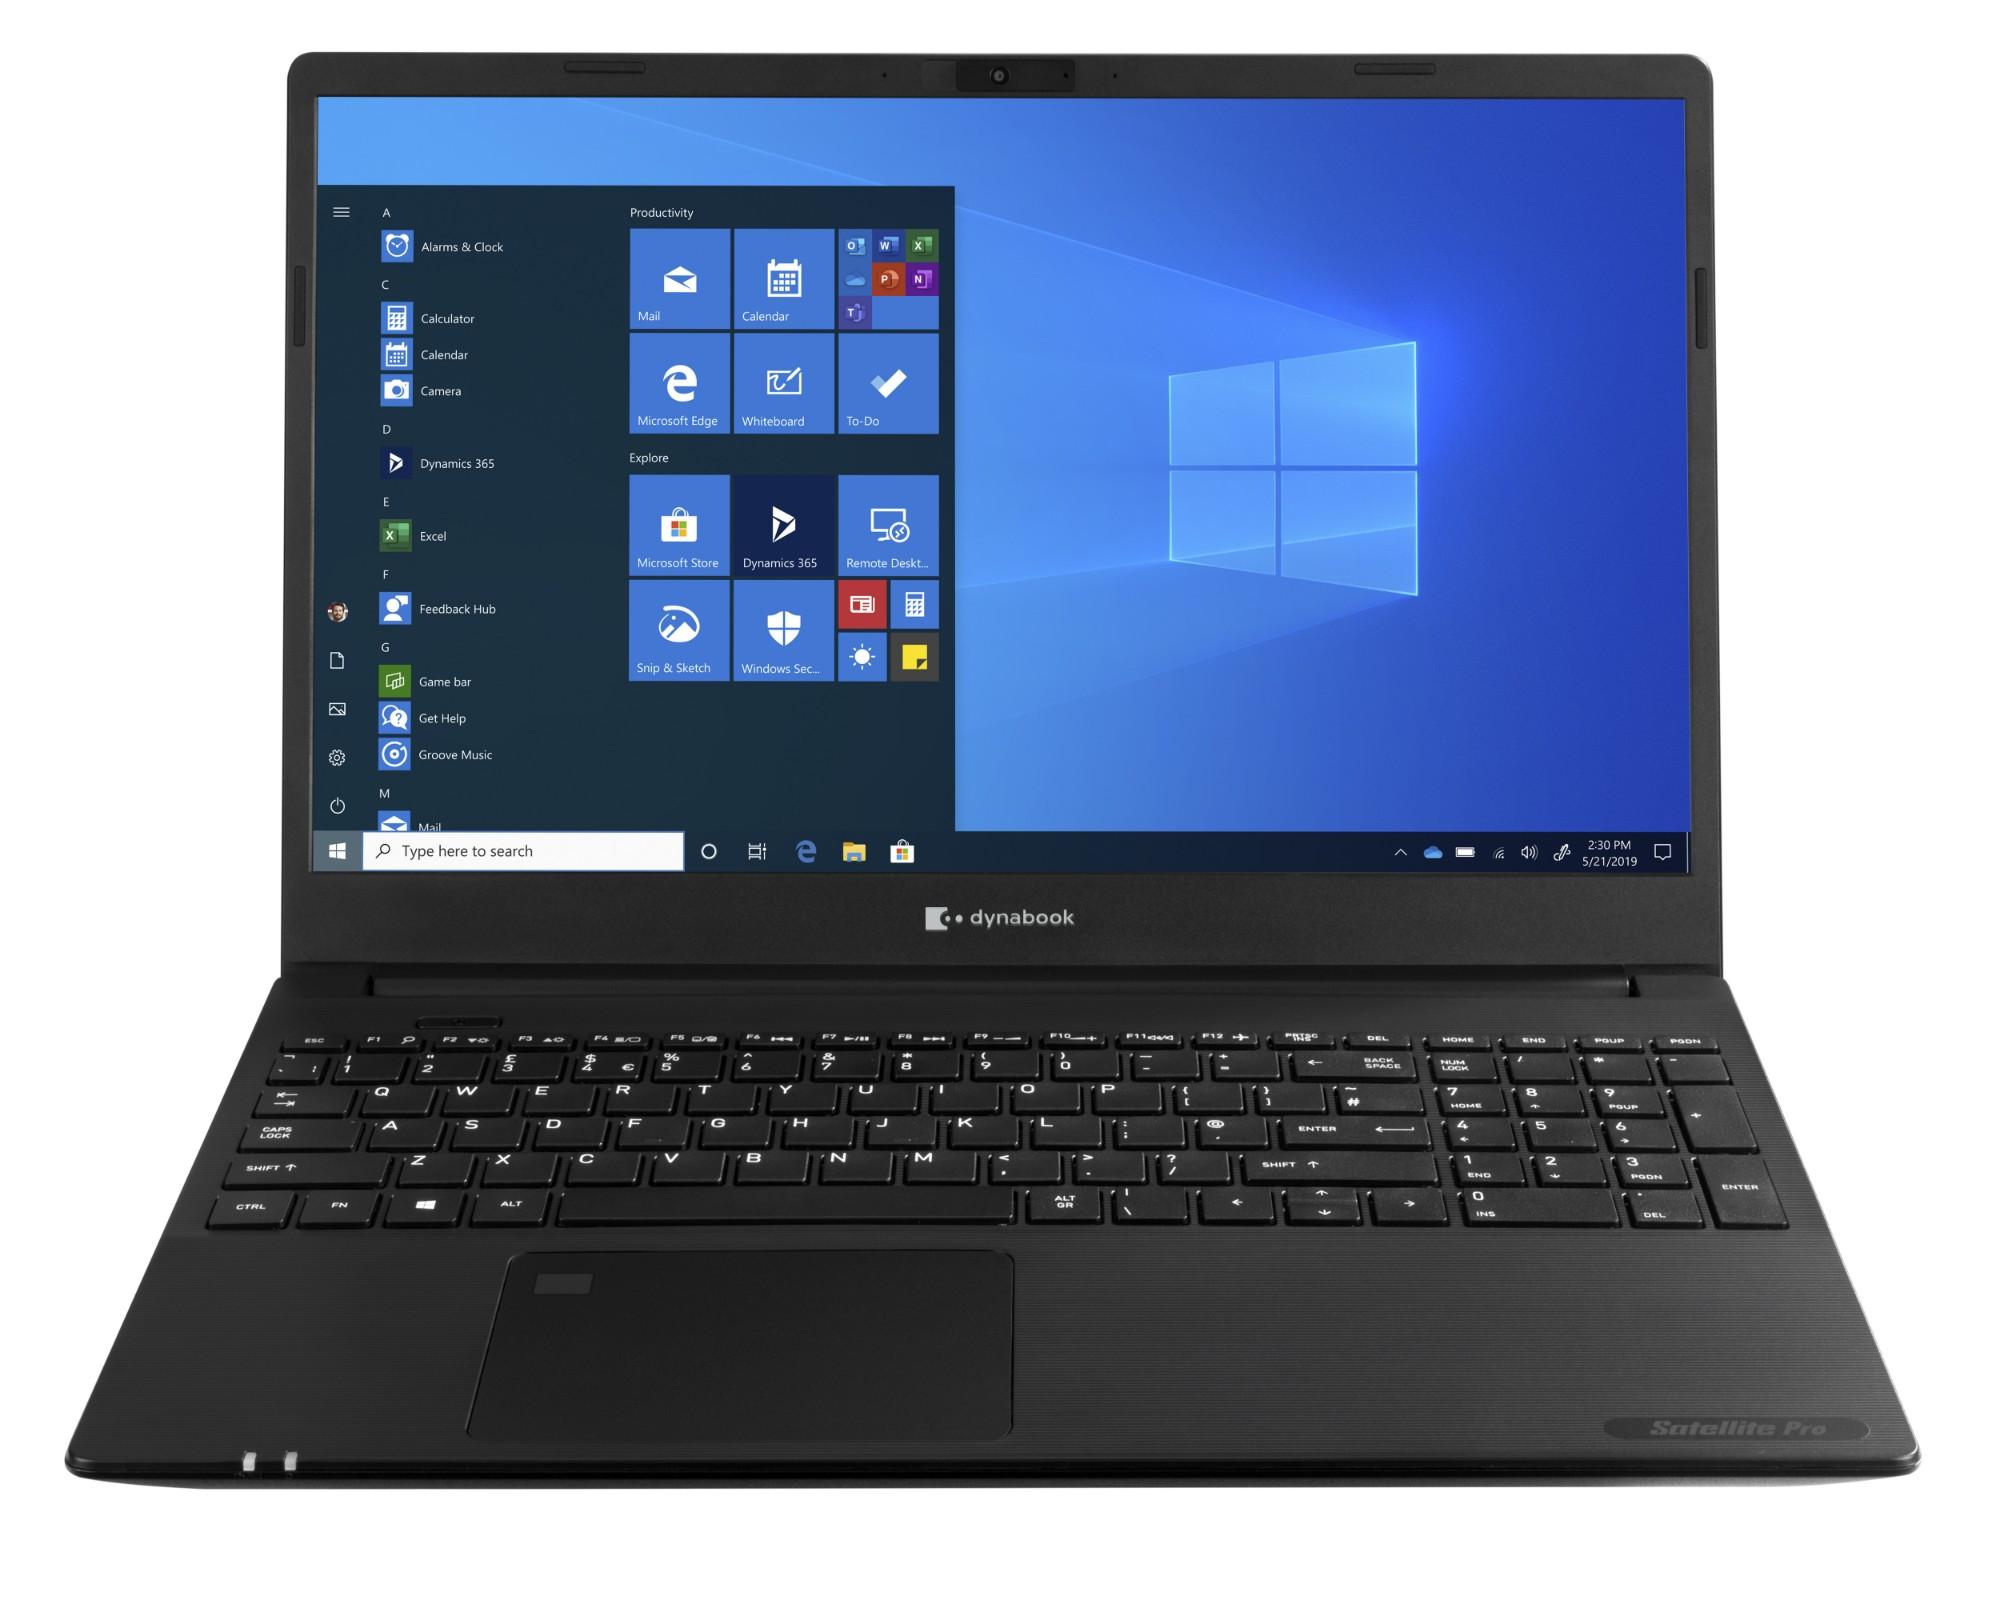 Satellite Pro L50-g-193 Black - 15.6in - i7 10510u - 8GB Ram - 256GB SSD - Win10 Pro - Qwerty Uk